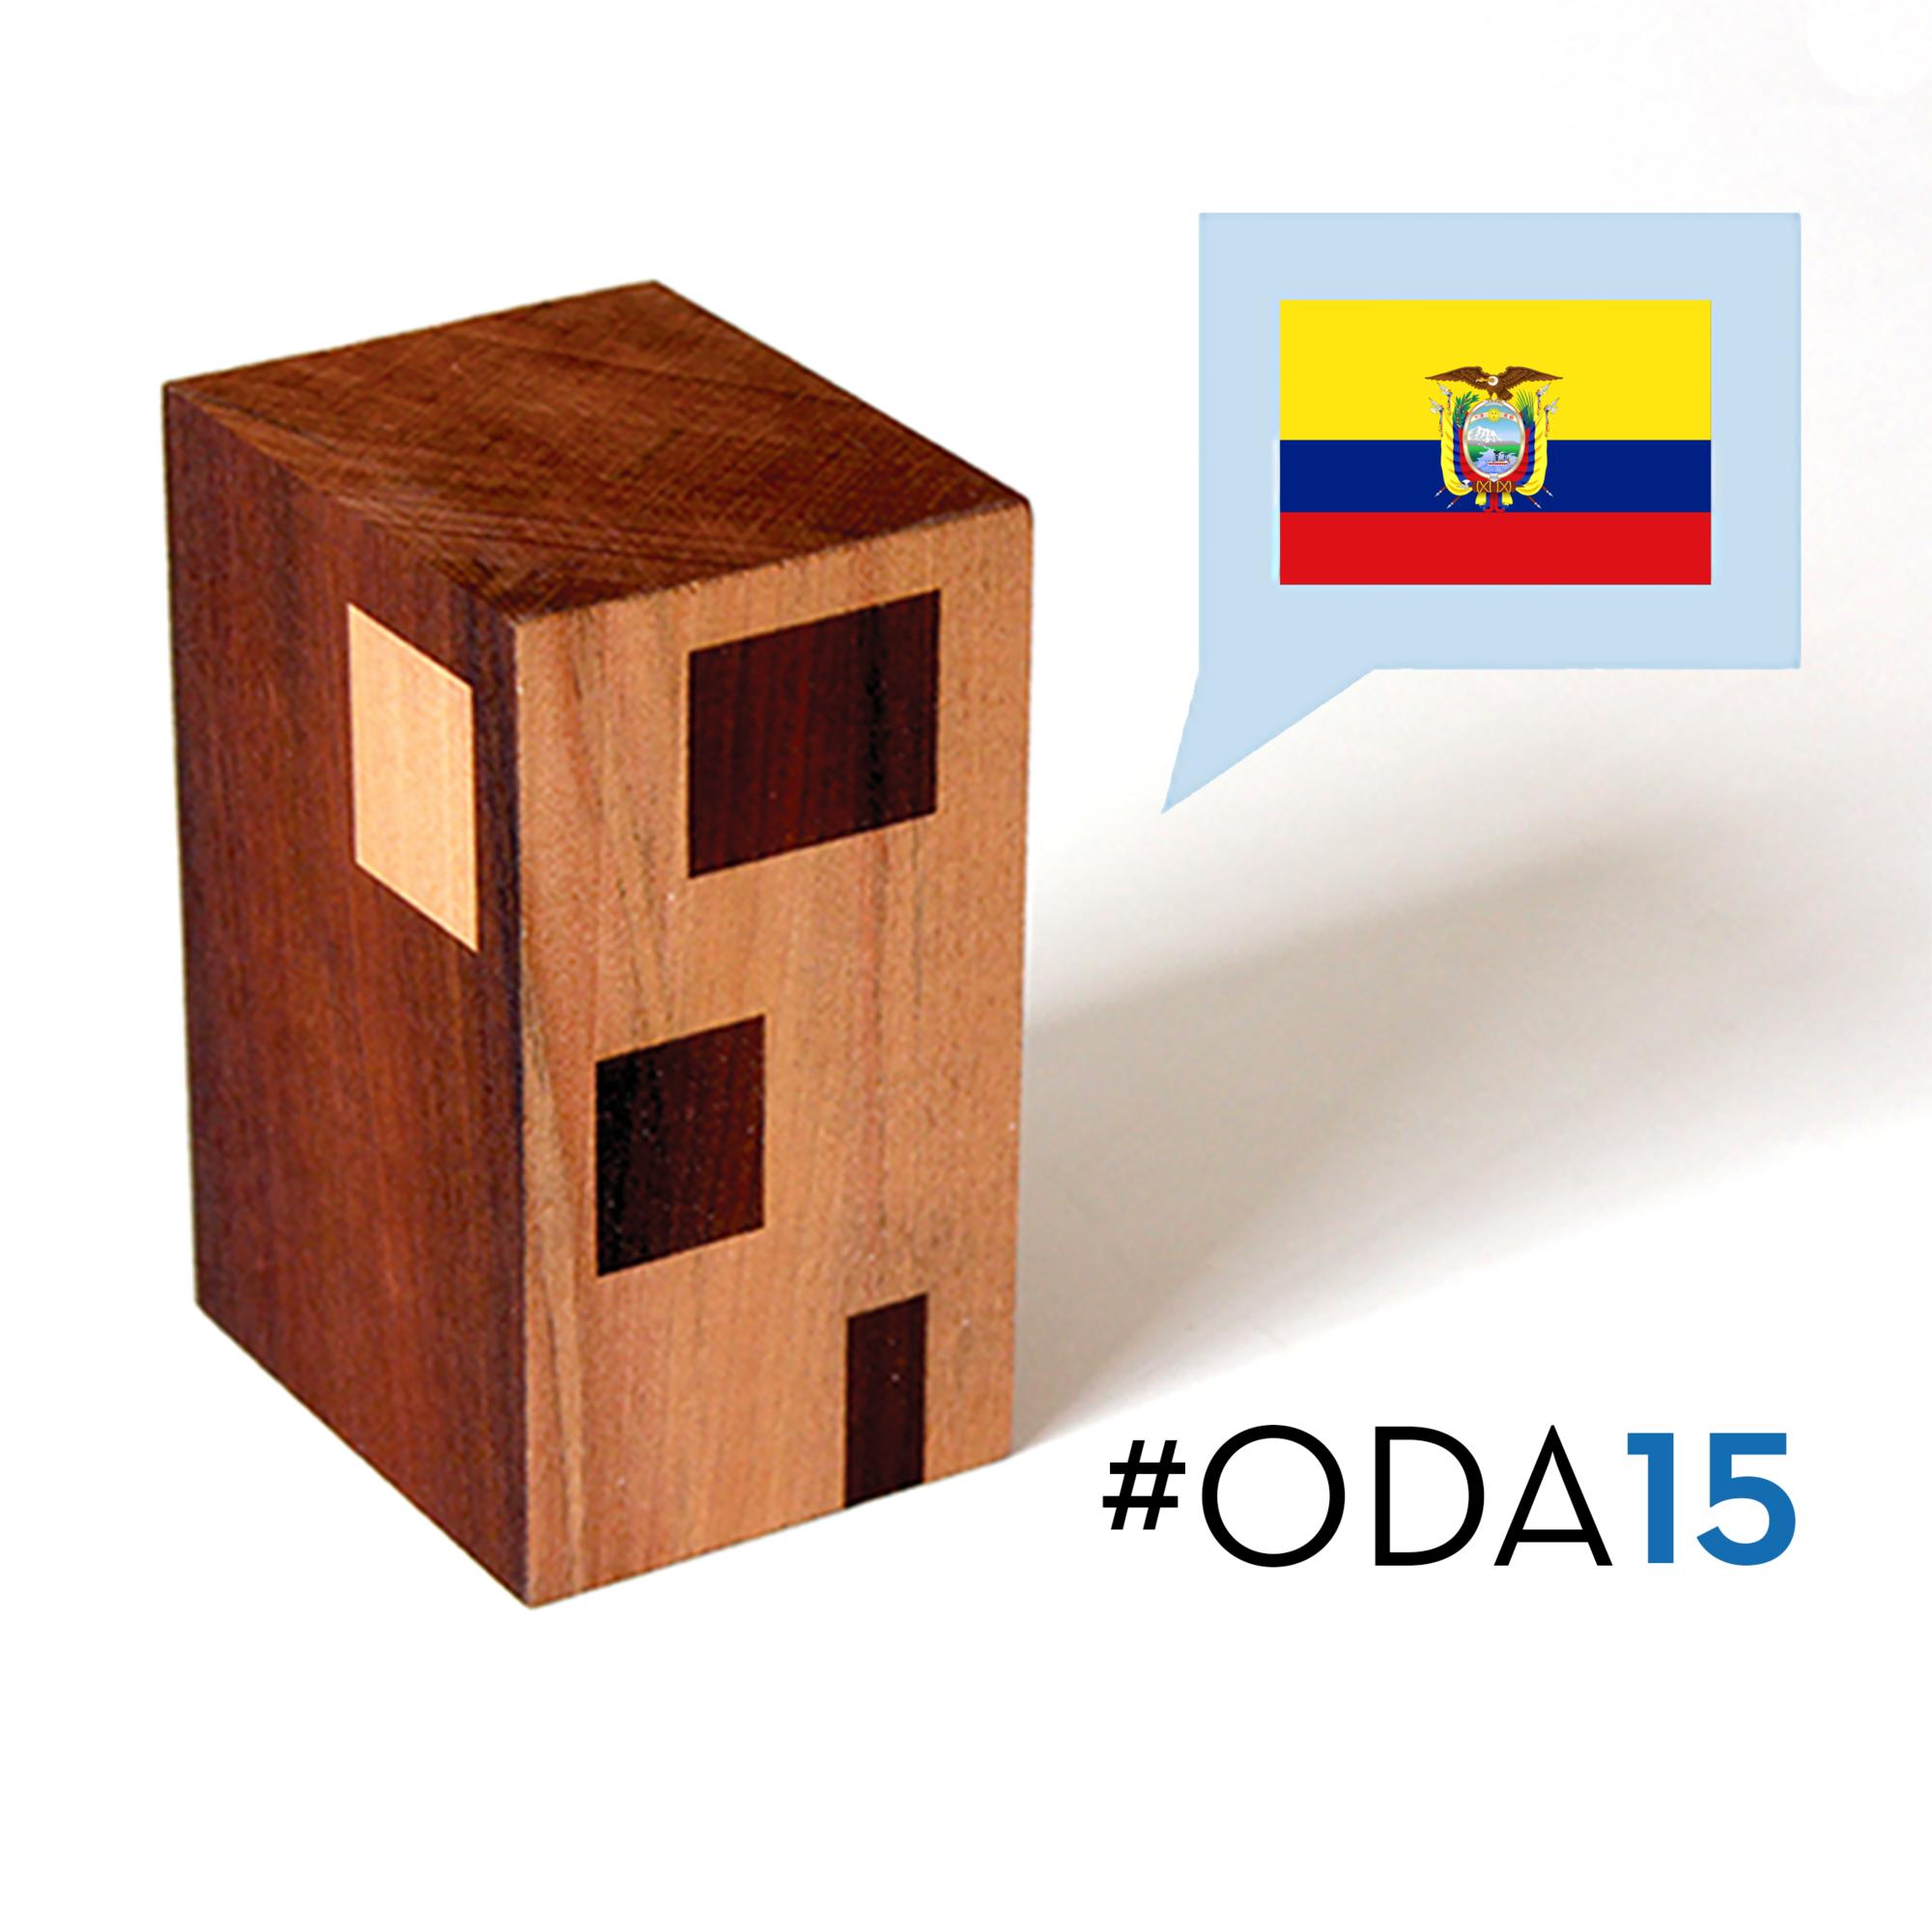 Conoce las 13 obras ecuatorianas que están participando en #ODA15